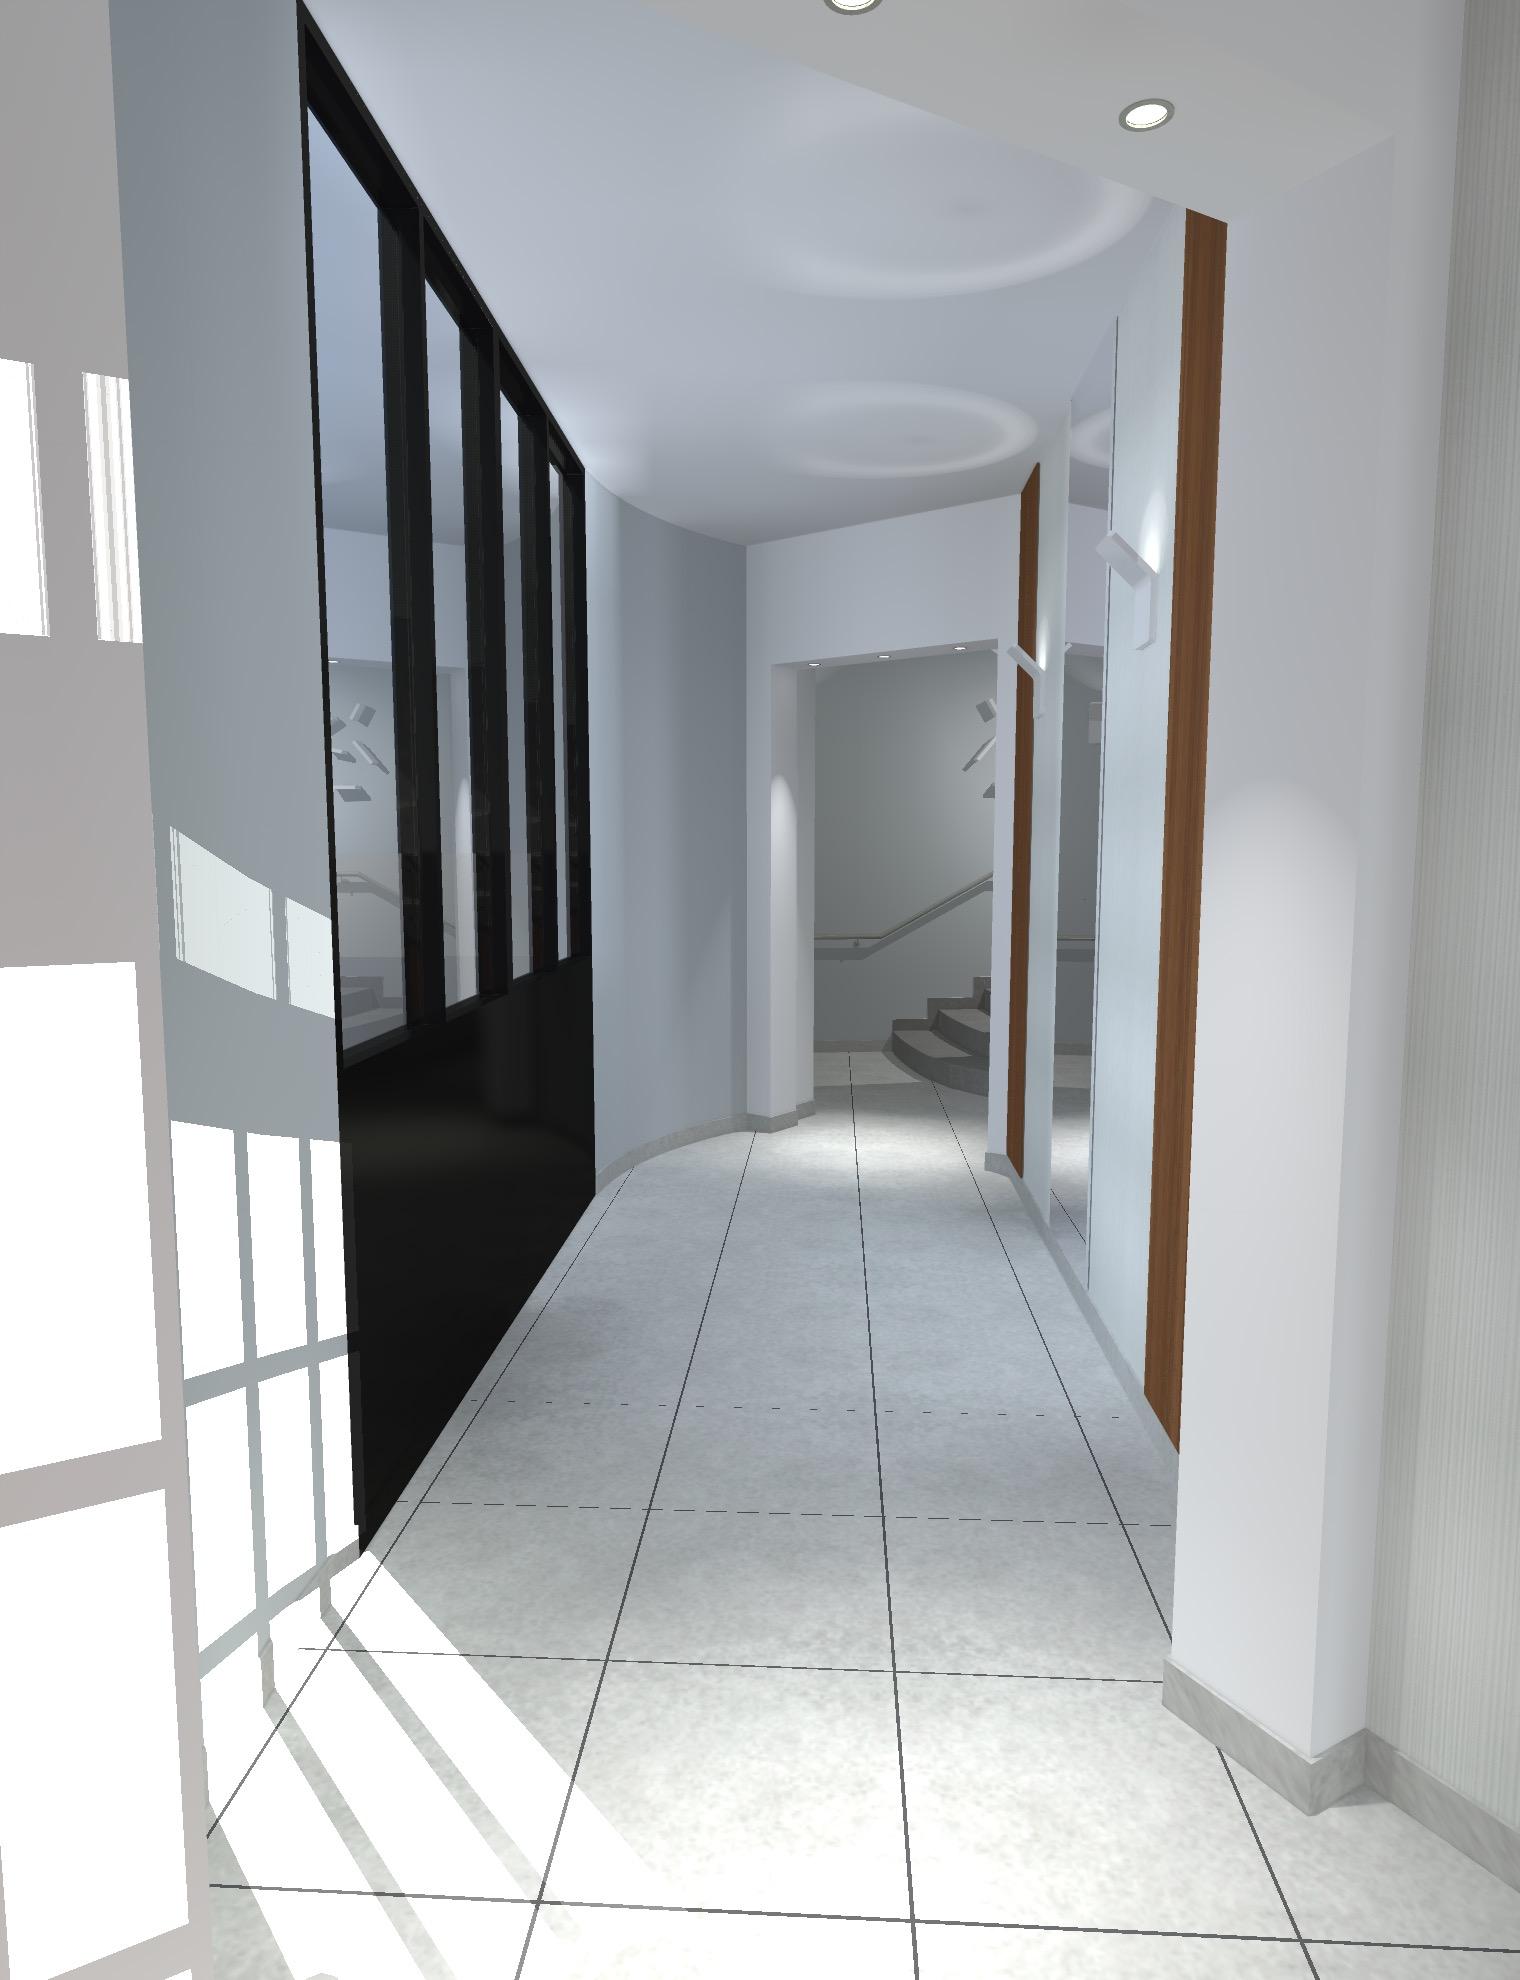 Projet Hall Entrée d\'Immeuble | De l\'intérieur - Décoratrice UFDI | 44